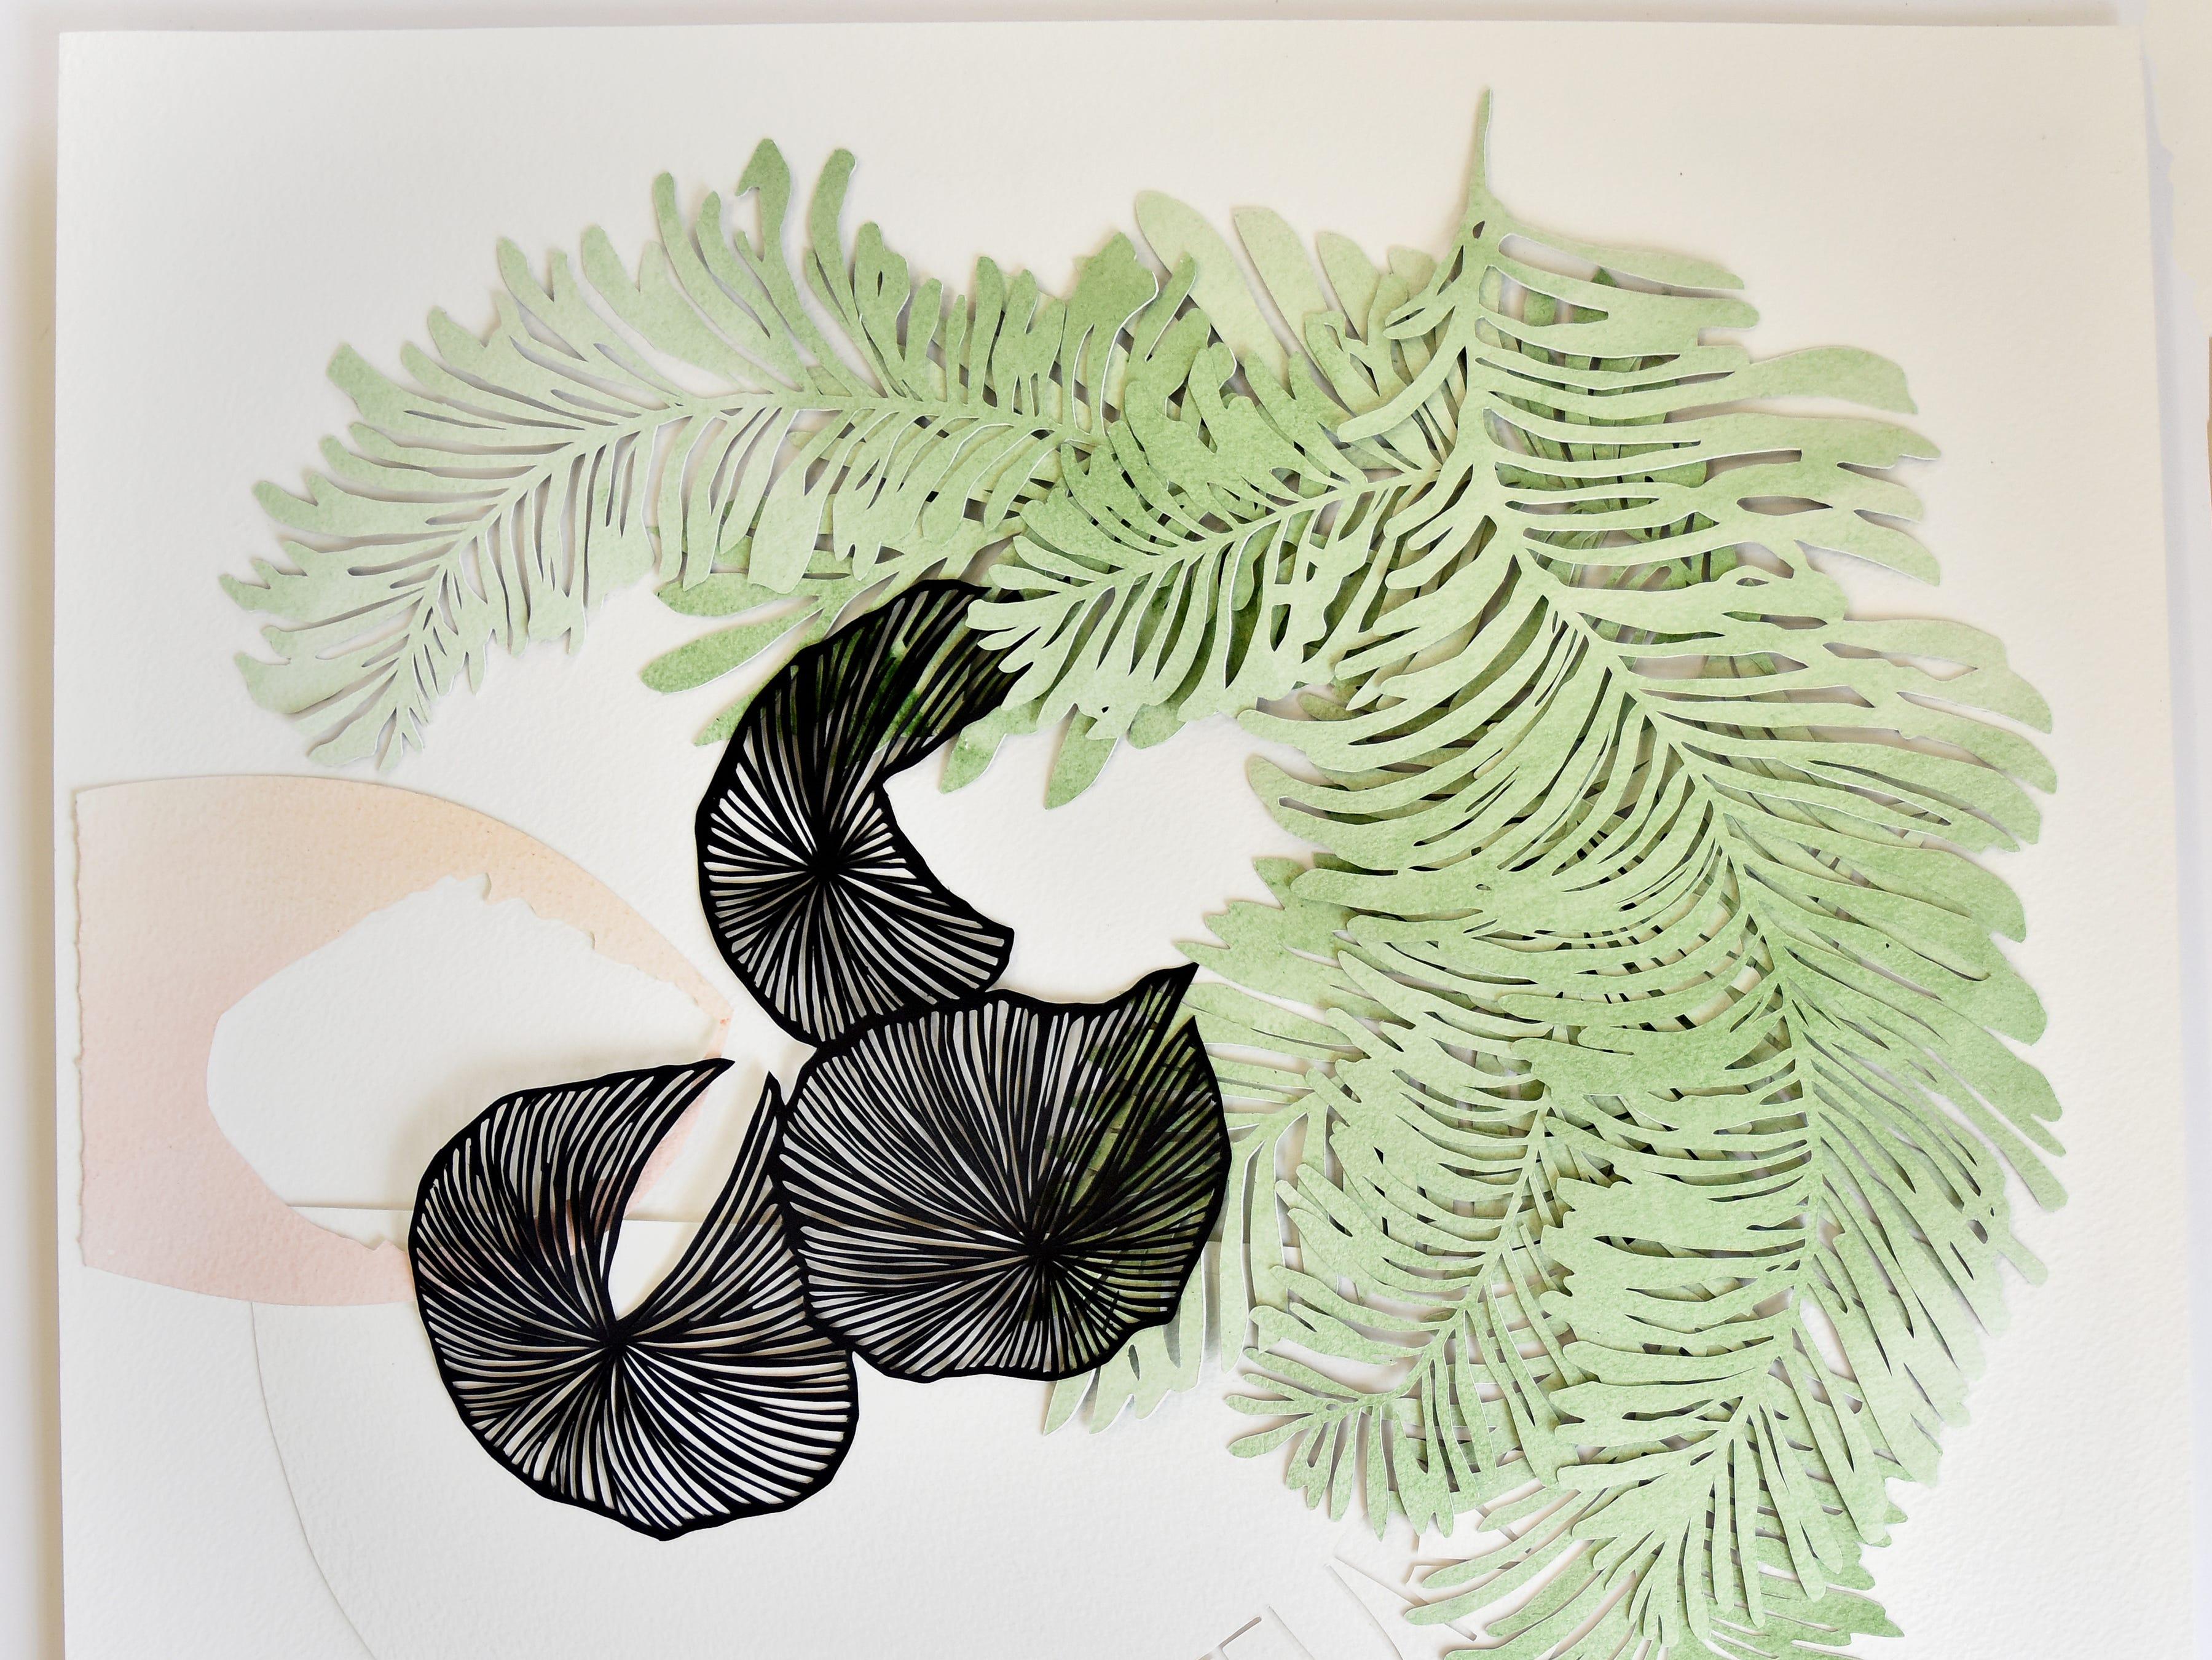 Cut paper art by Elizabeth speaker.